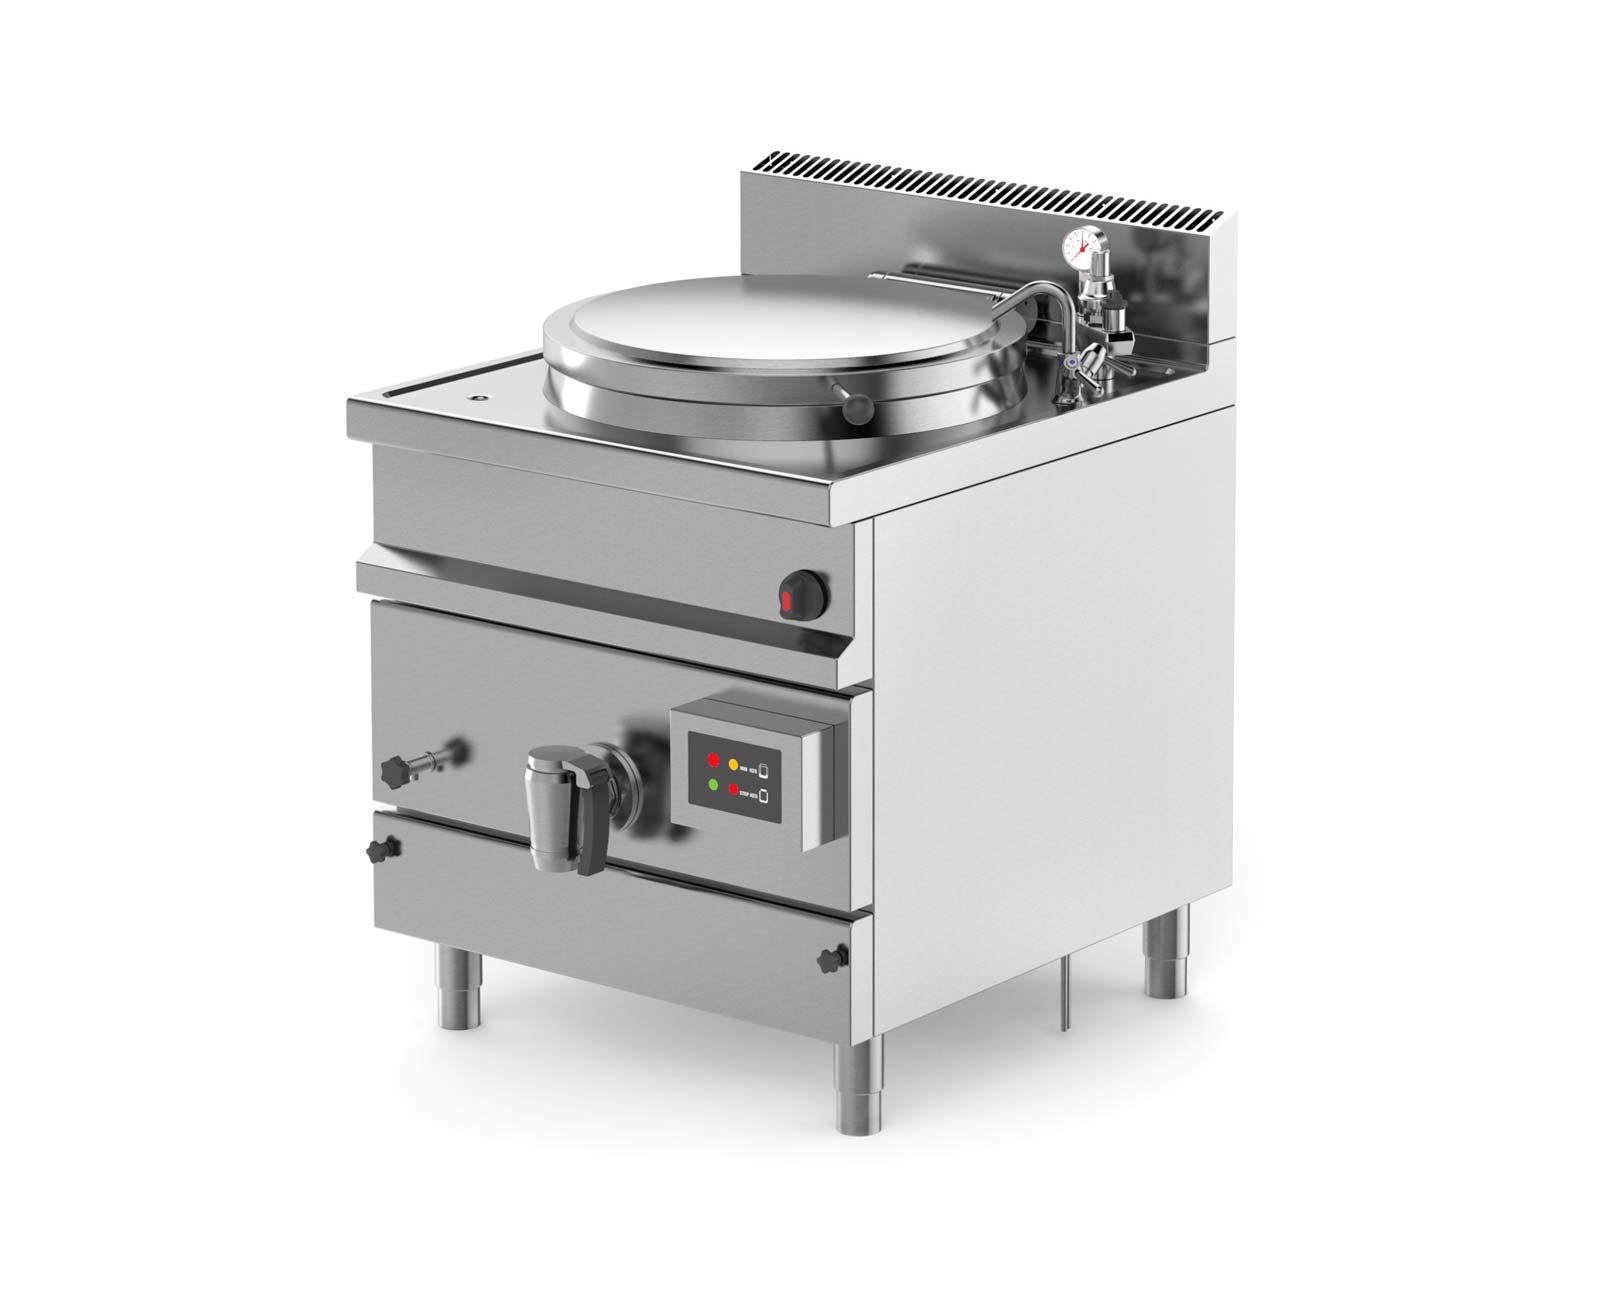 Firex Easypan Extragrosse Kochkessel - 100 + 150 Liter